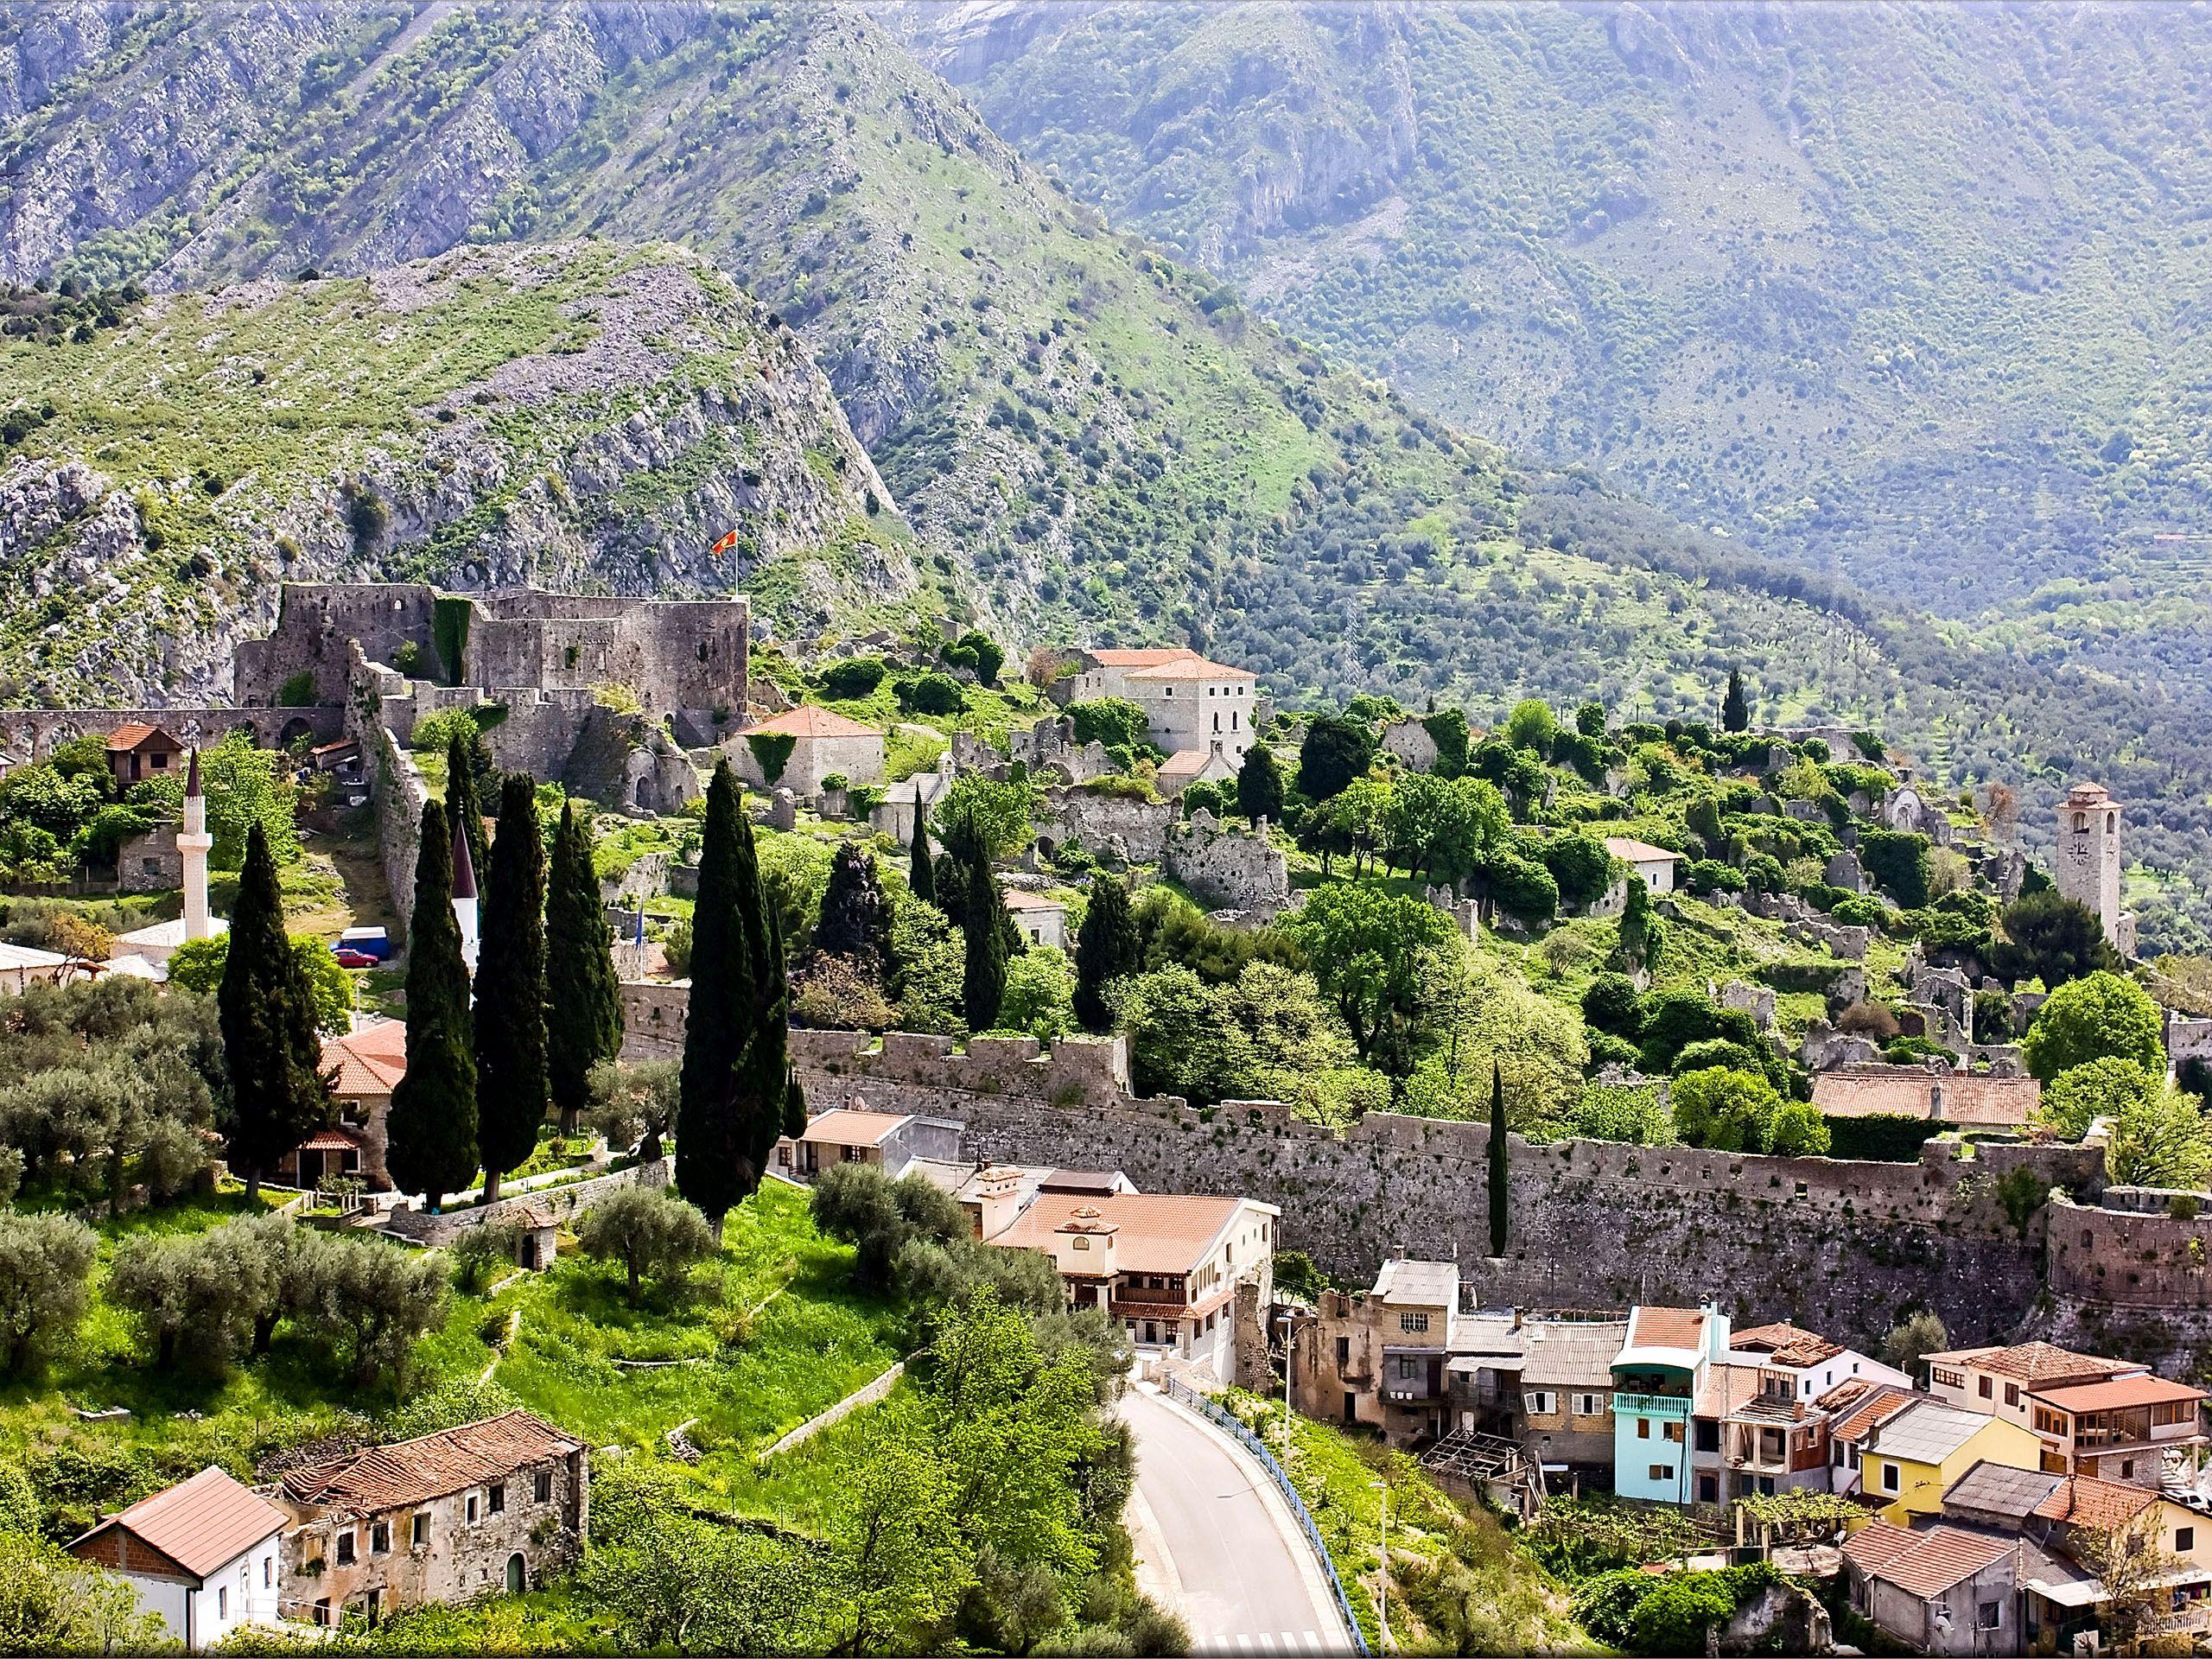 Bar Crna gora letovanje cene aranžmana